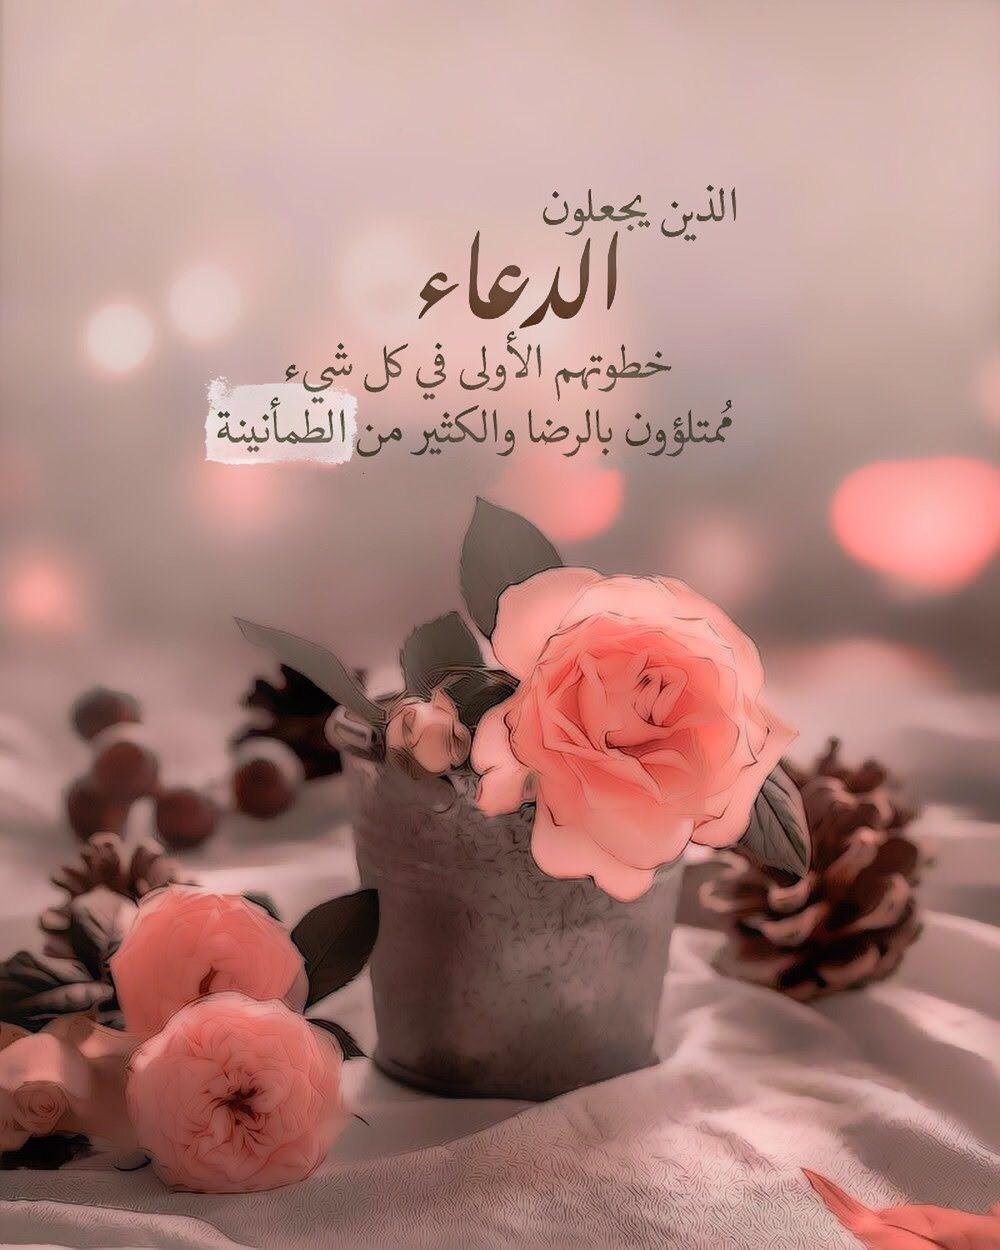 Pin By Marwa Ihab On و ذ ك ر ف إ ن الذ كرى ت نف ع الم ؤم نين Good Morning Arabic Good Morning Beautiful Quotes Good Morning Cards